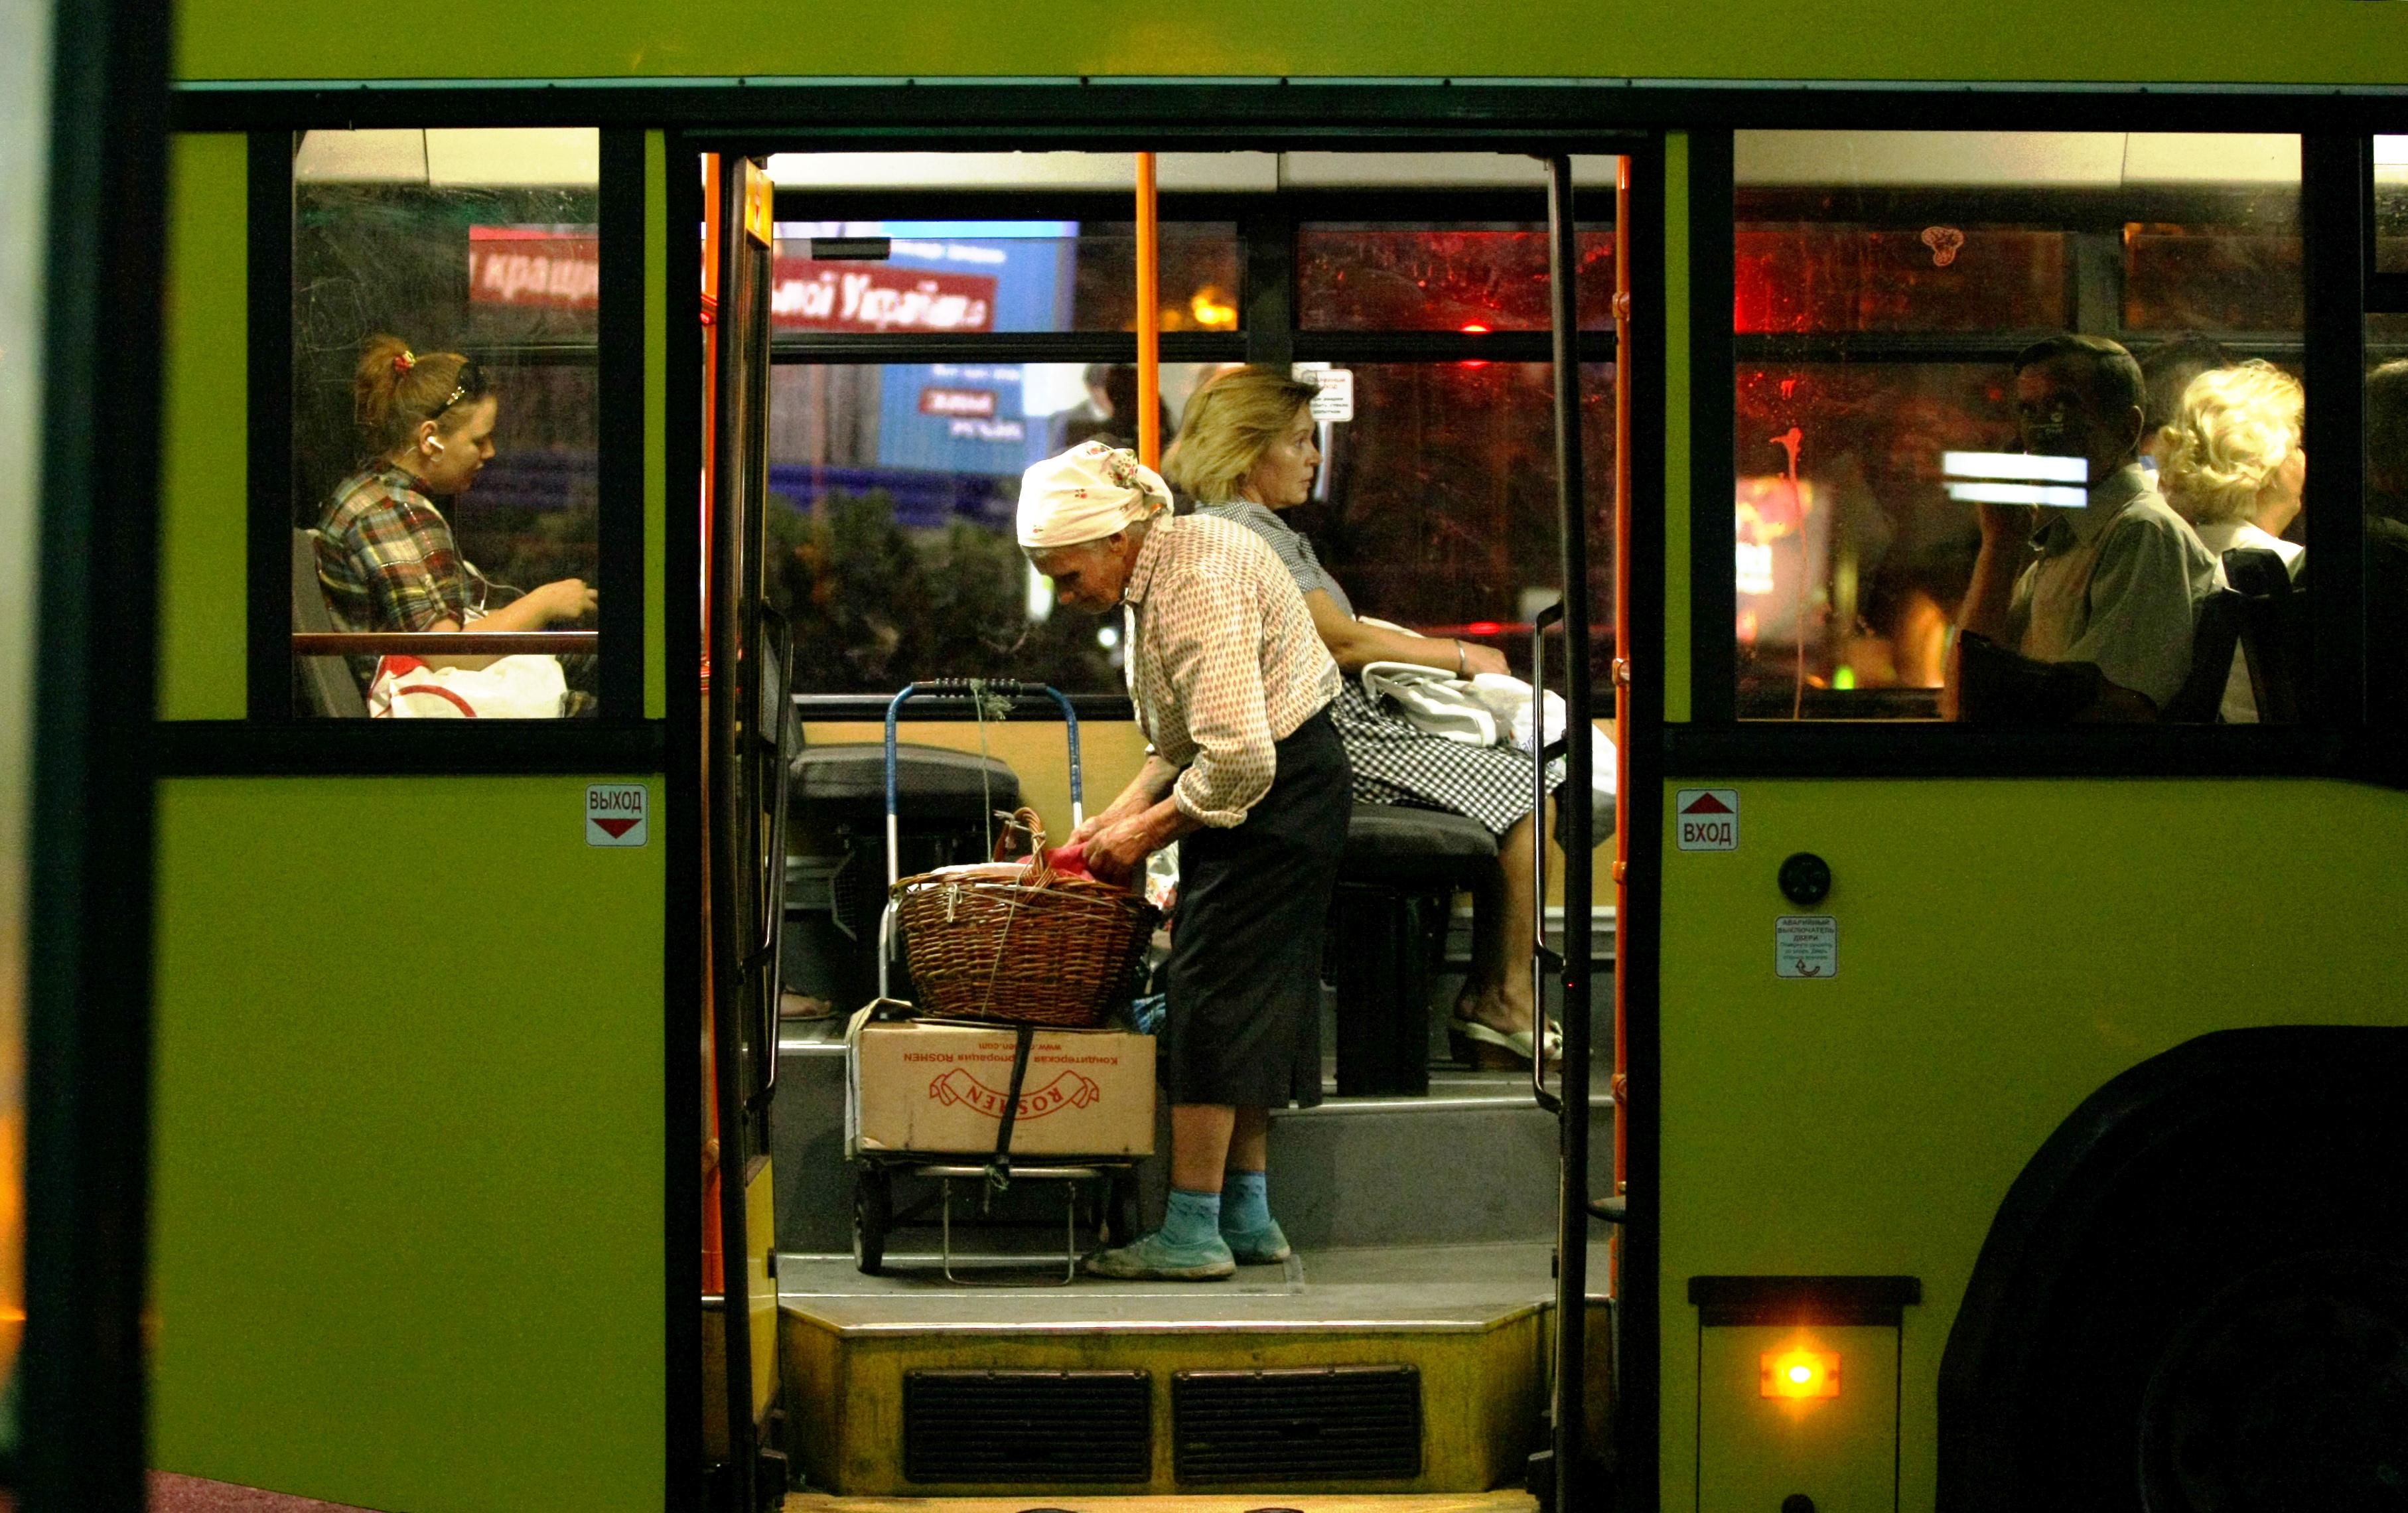 Петиція щодо нічних автобусів уКиєві зібрала достатньо голосів для розгляду владою